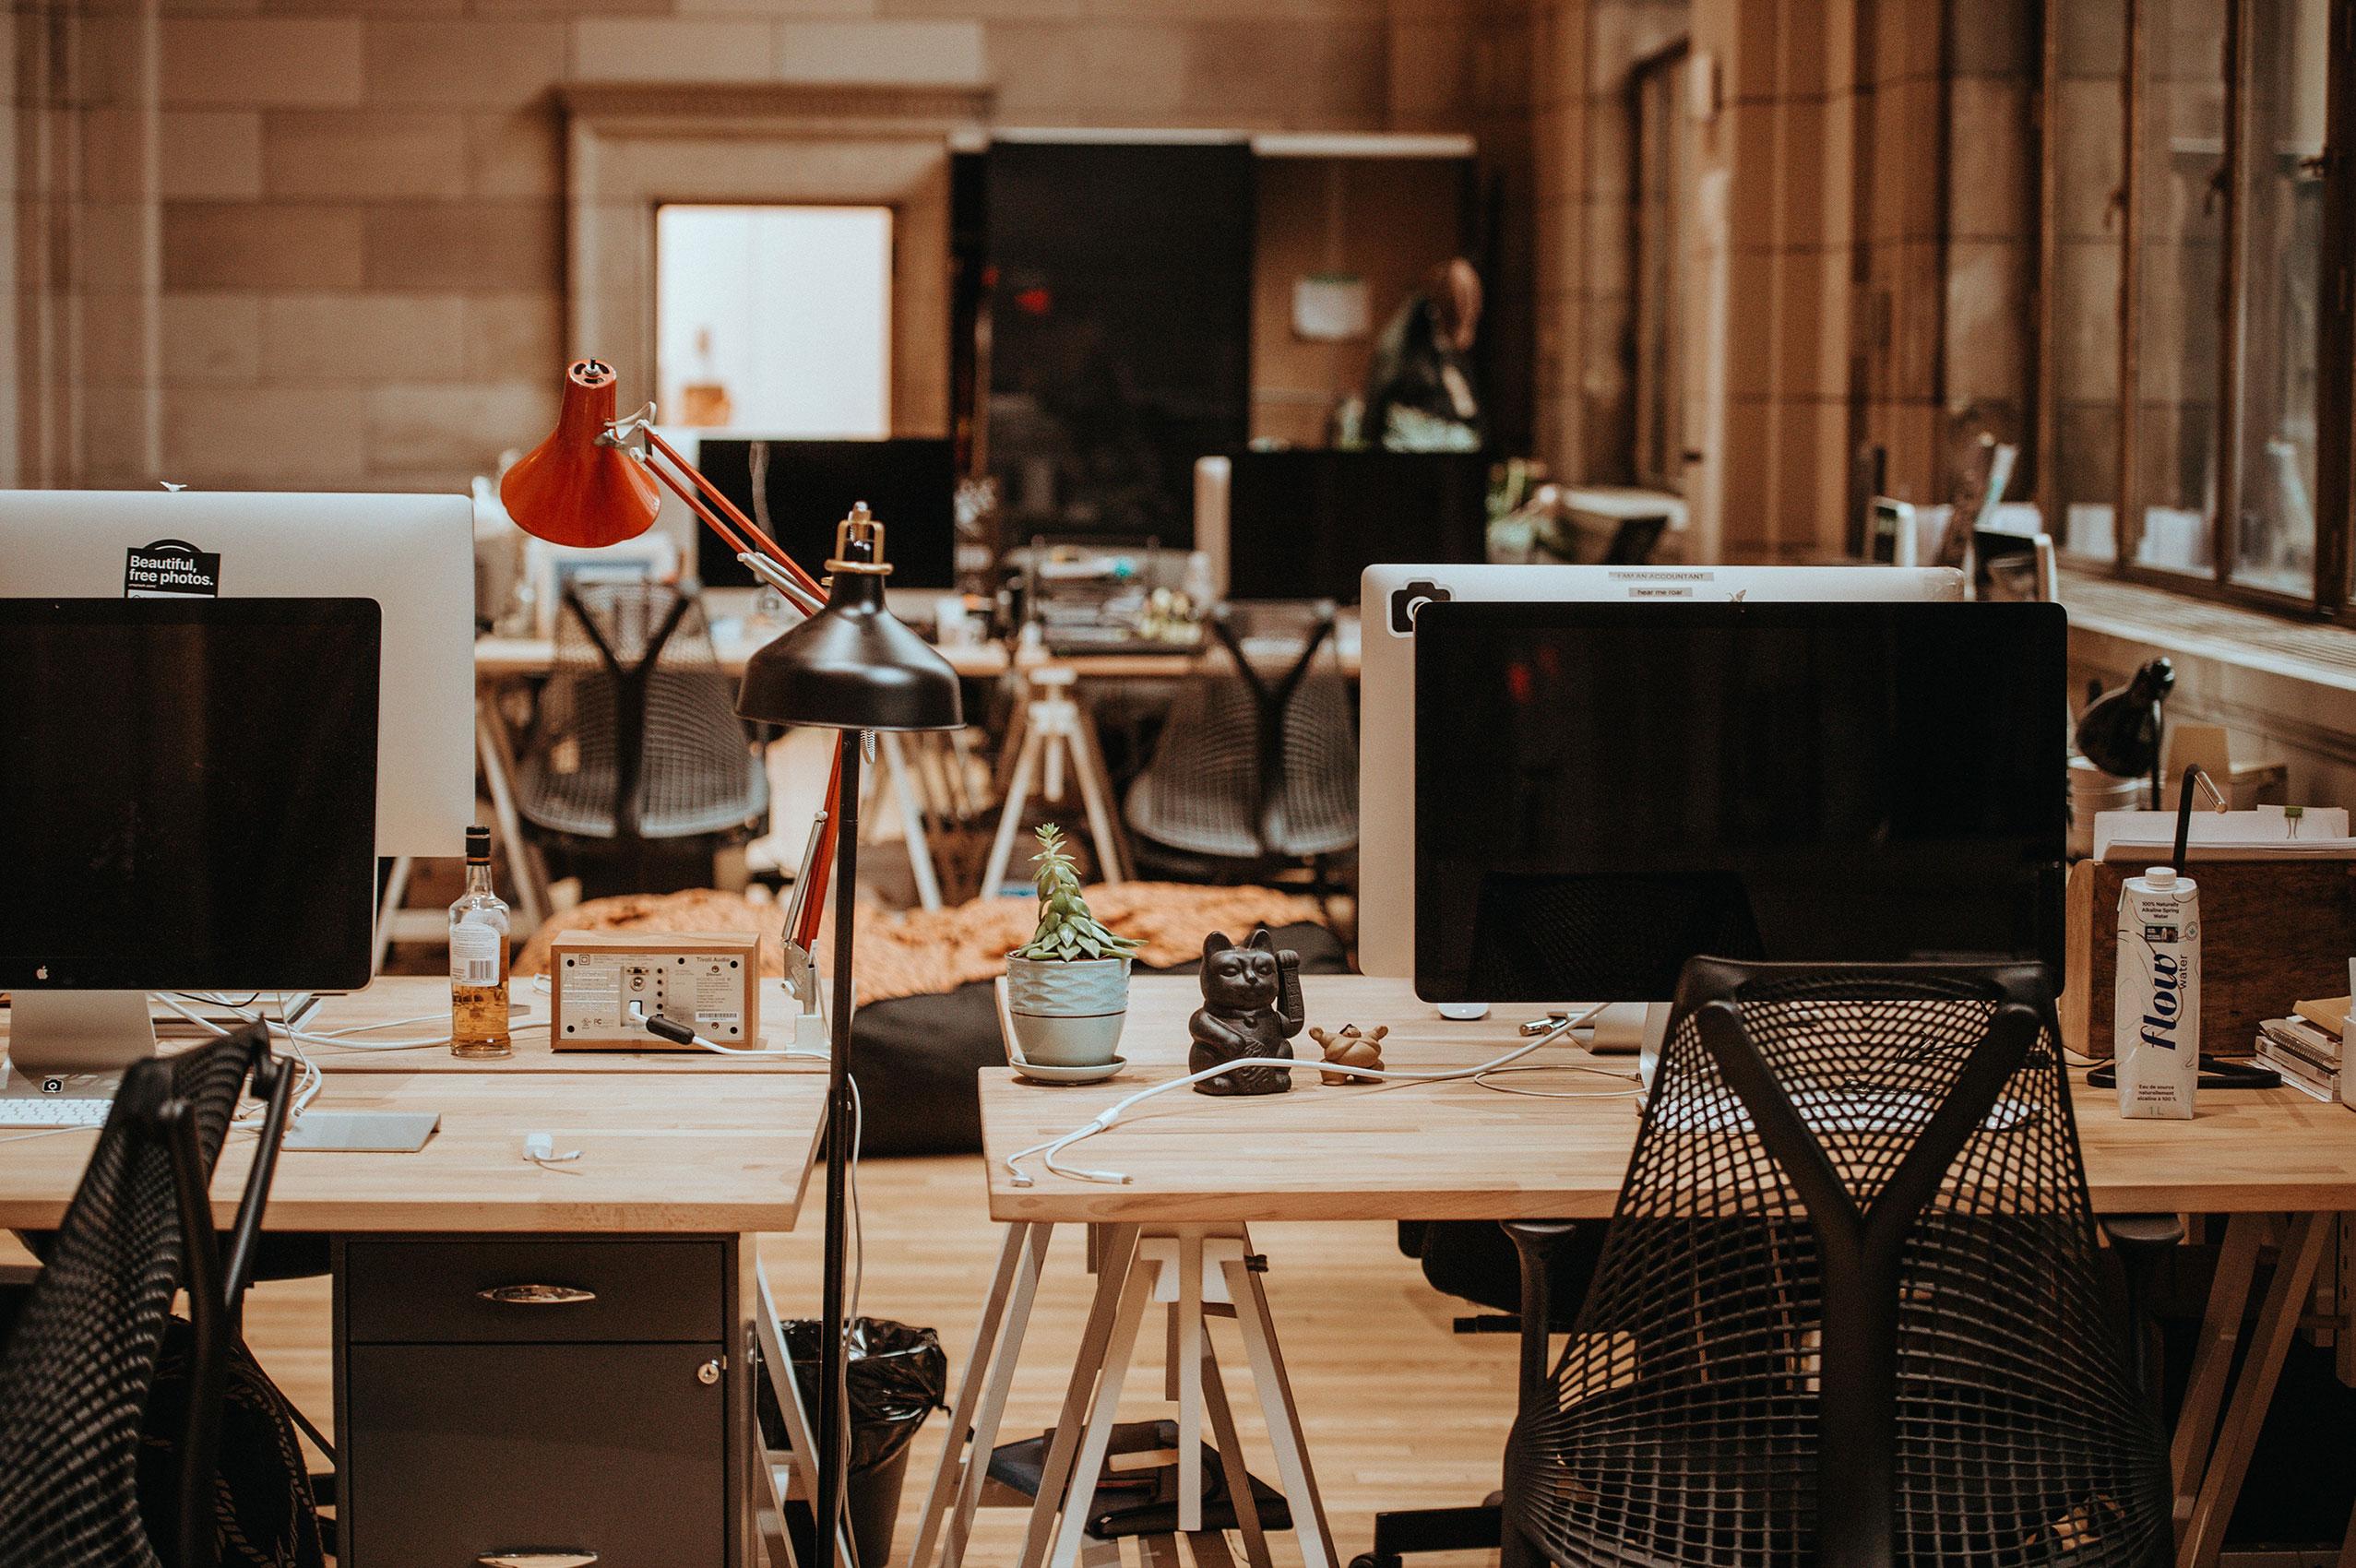 Arbeitsumgebung mit Schreibtisch und Computer